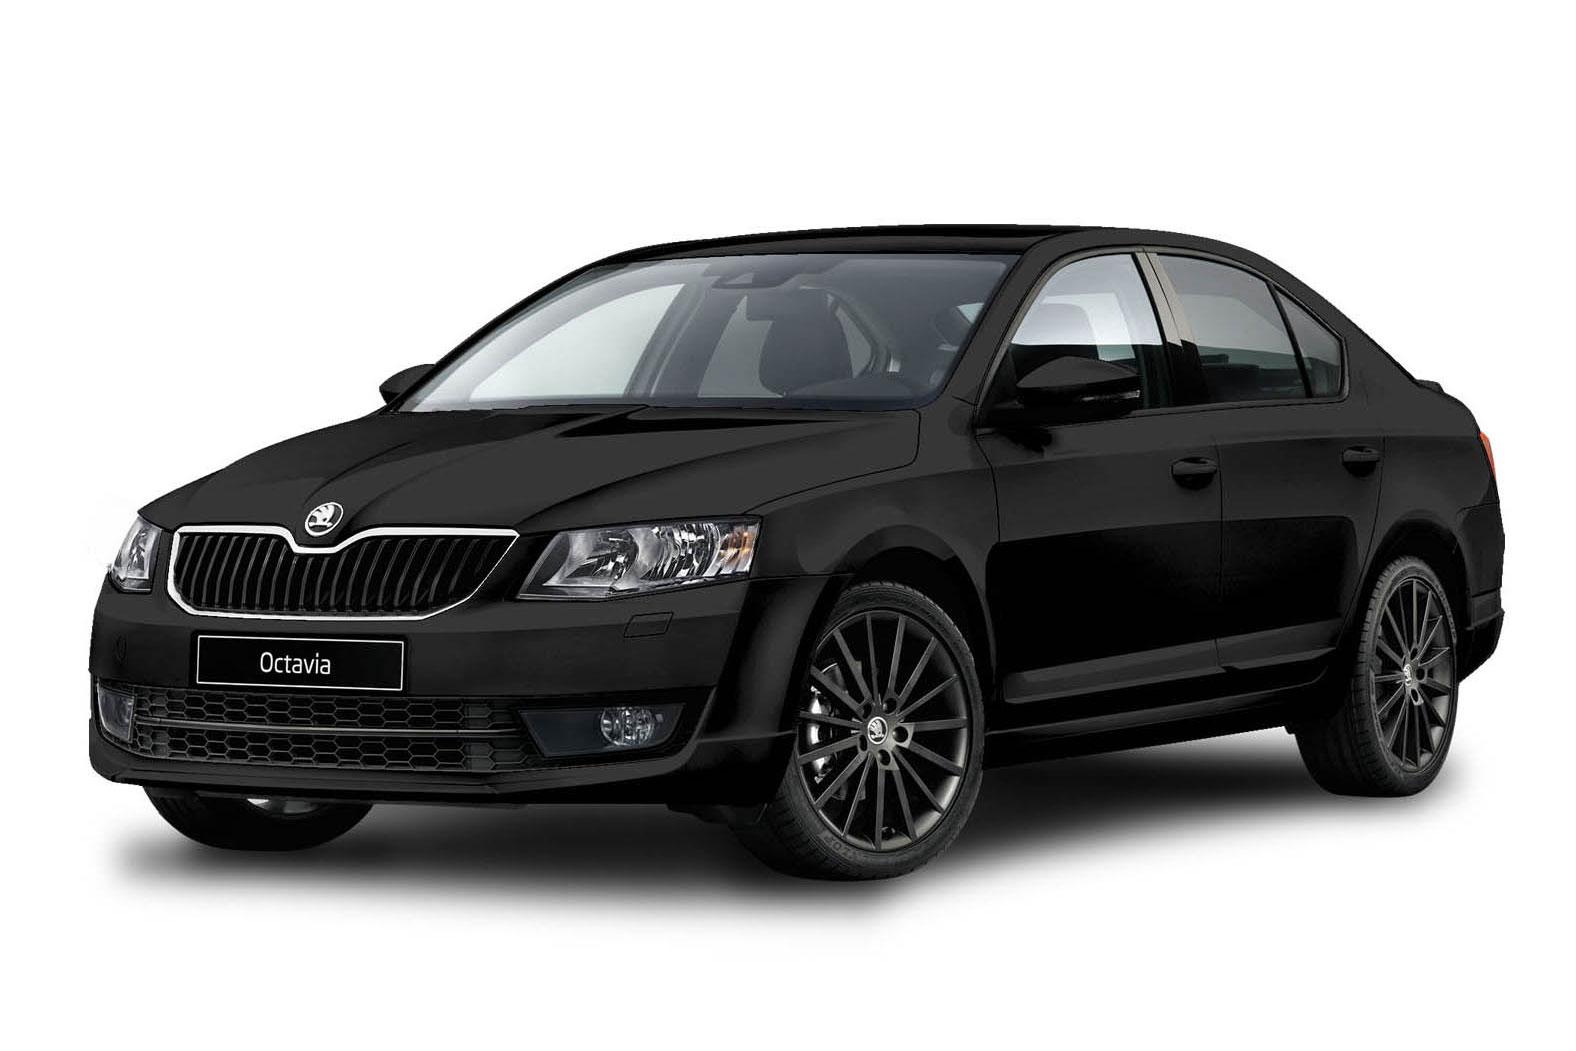 Skoda Black Edition Models Revealed Carbuyer